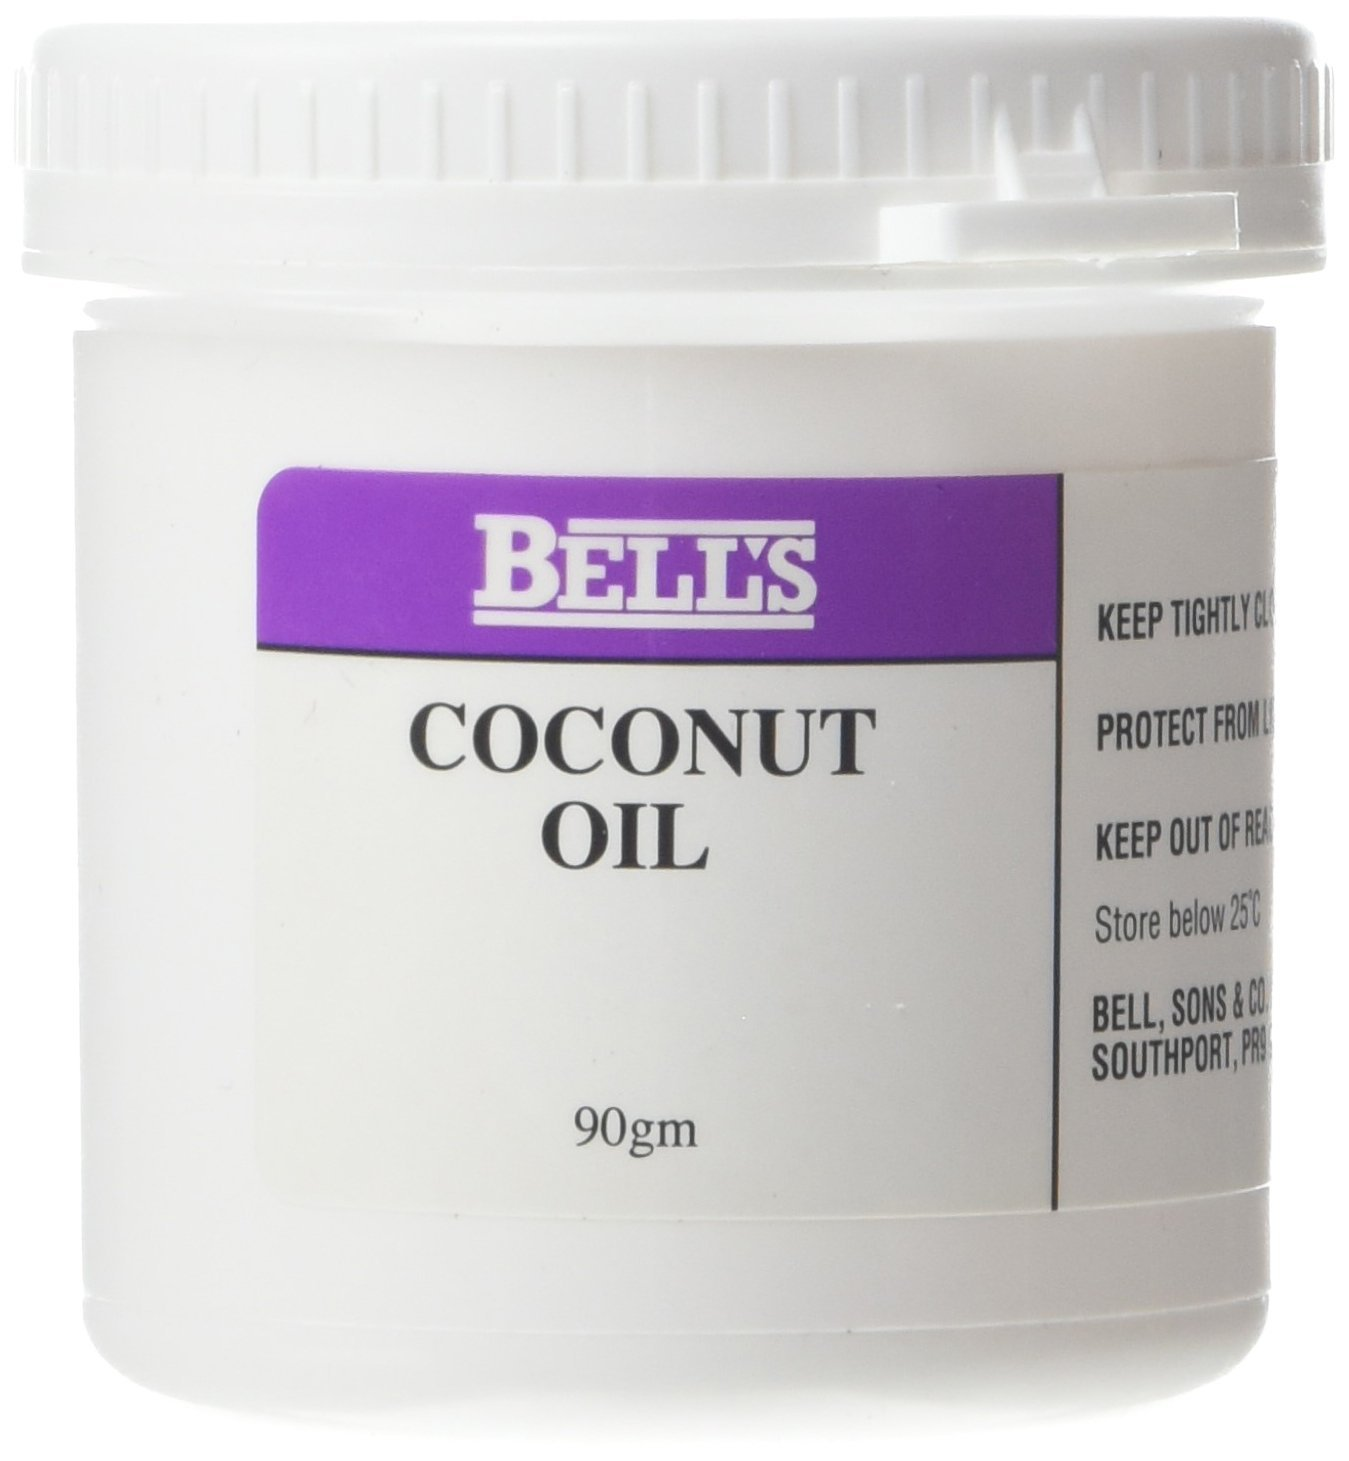 Bells 90 g Coconut Oil - Pack of 3 BEL0293M